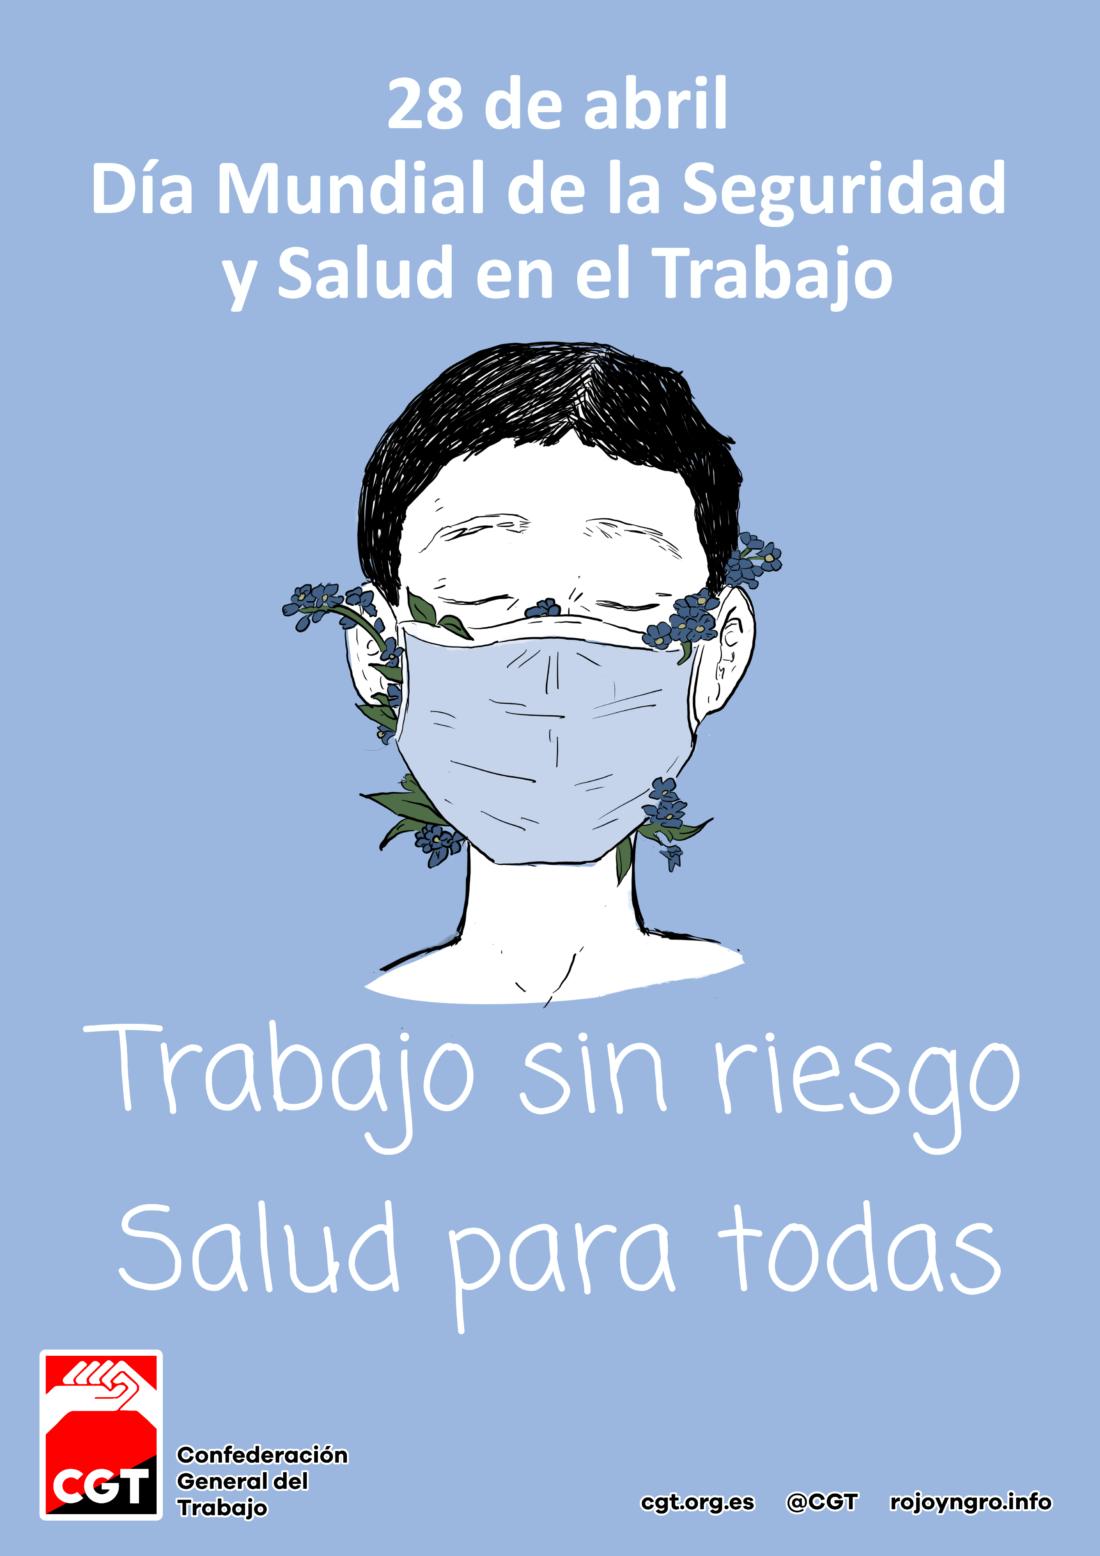 28 de abril 2021: Día Mundial de la Seguridad y Salud en el Trabajo en Salamanca